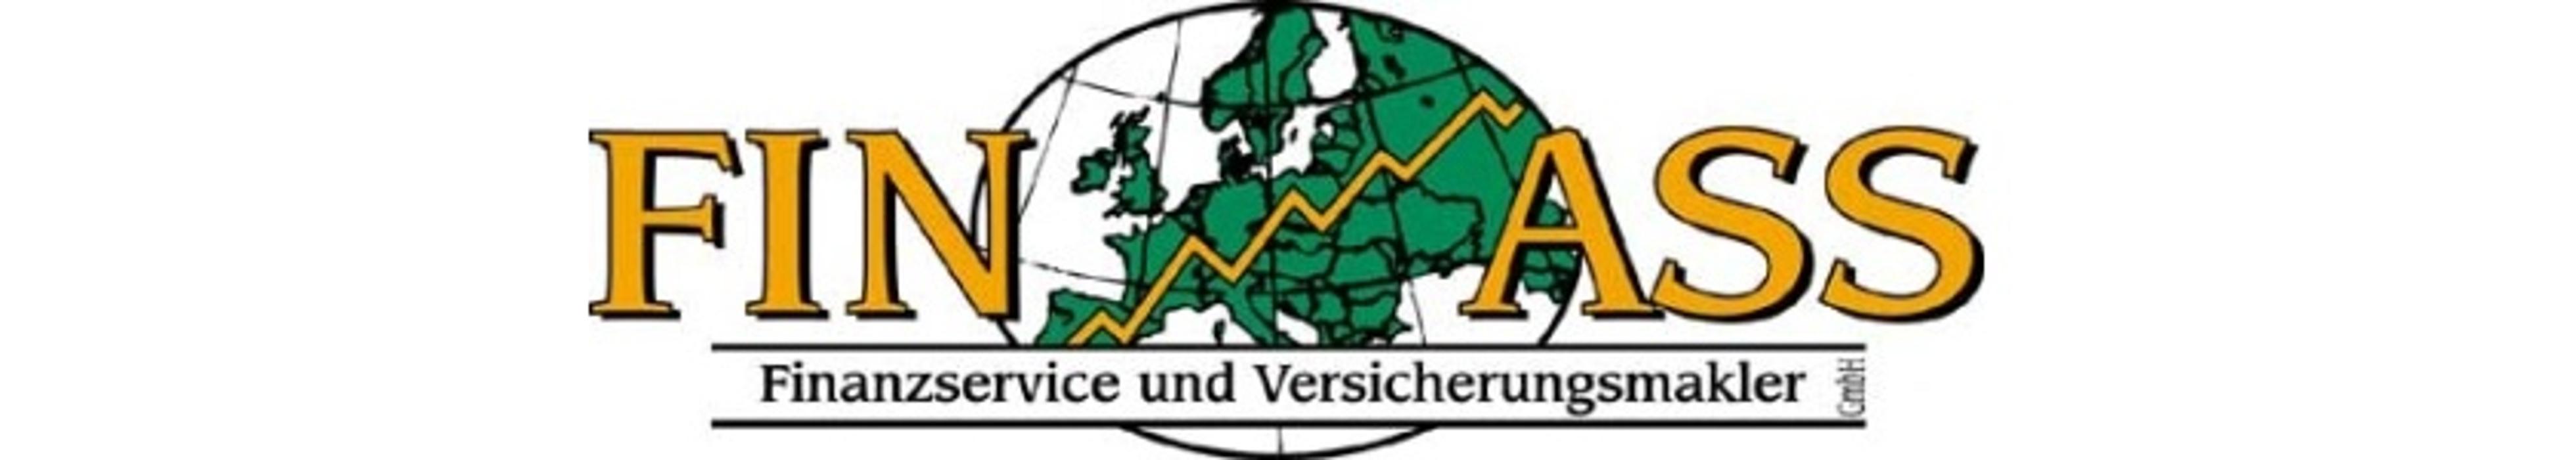 Bild zu FIN ASS GmbH Finanzservice und Versicherungsmakler in Freiburg im Breisgau